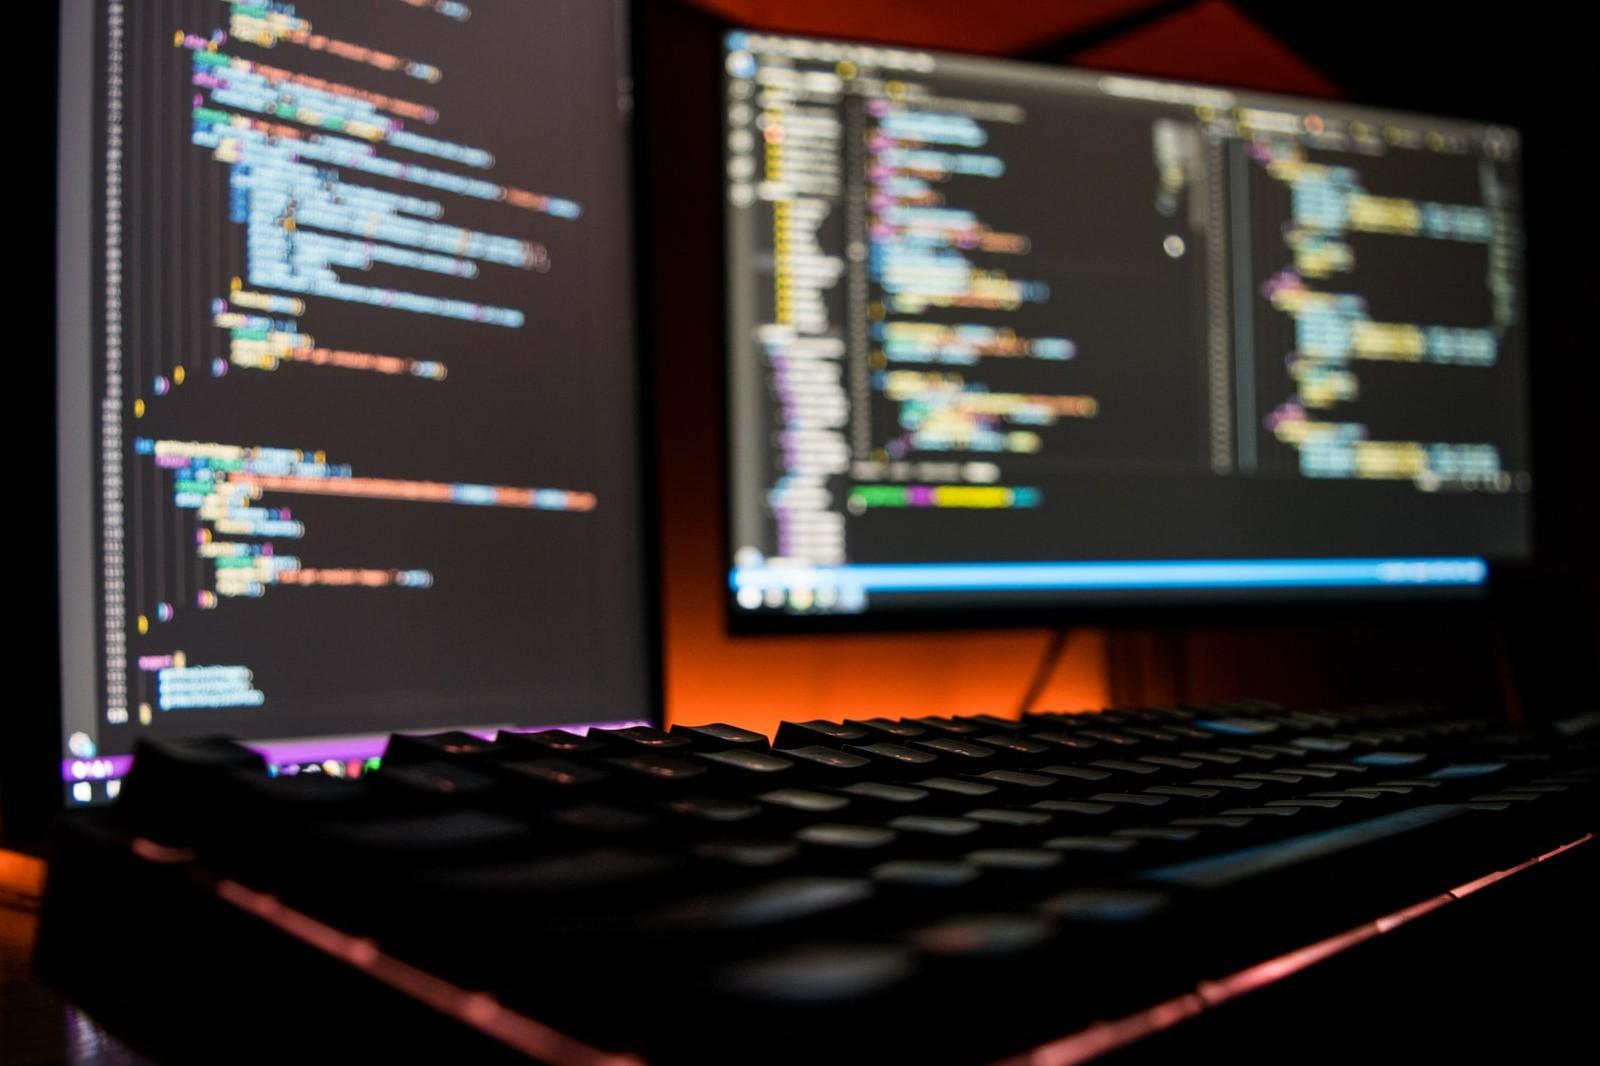 monitorhalterung tisch 2 monitore übereinander